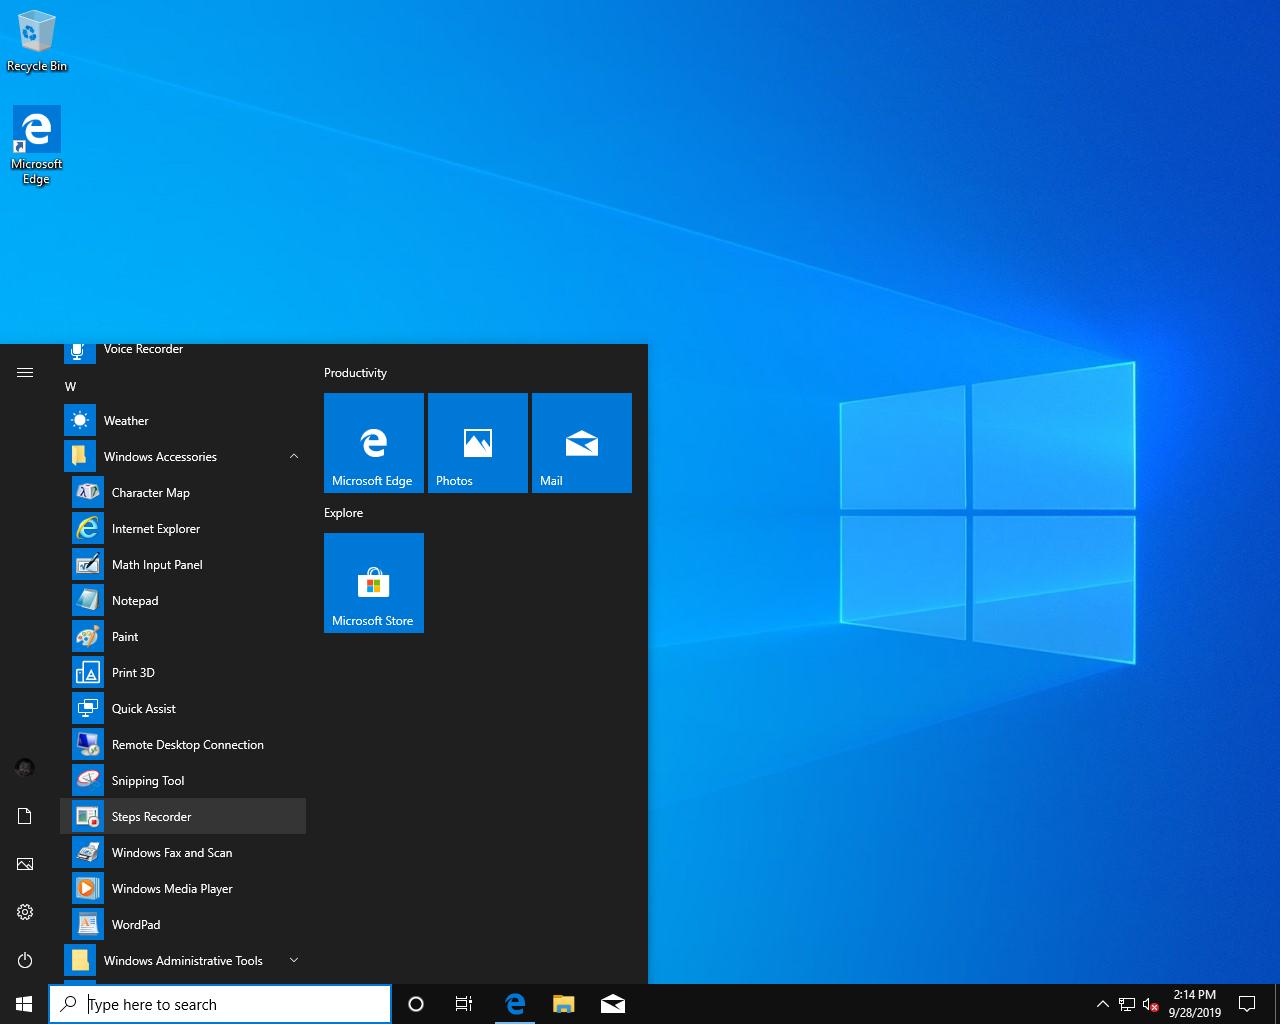 Windows 10 Re Activation Tip 0bfb180a-b82b-40dc-906f-b3a70e4b1336?upload=true.png